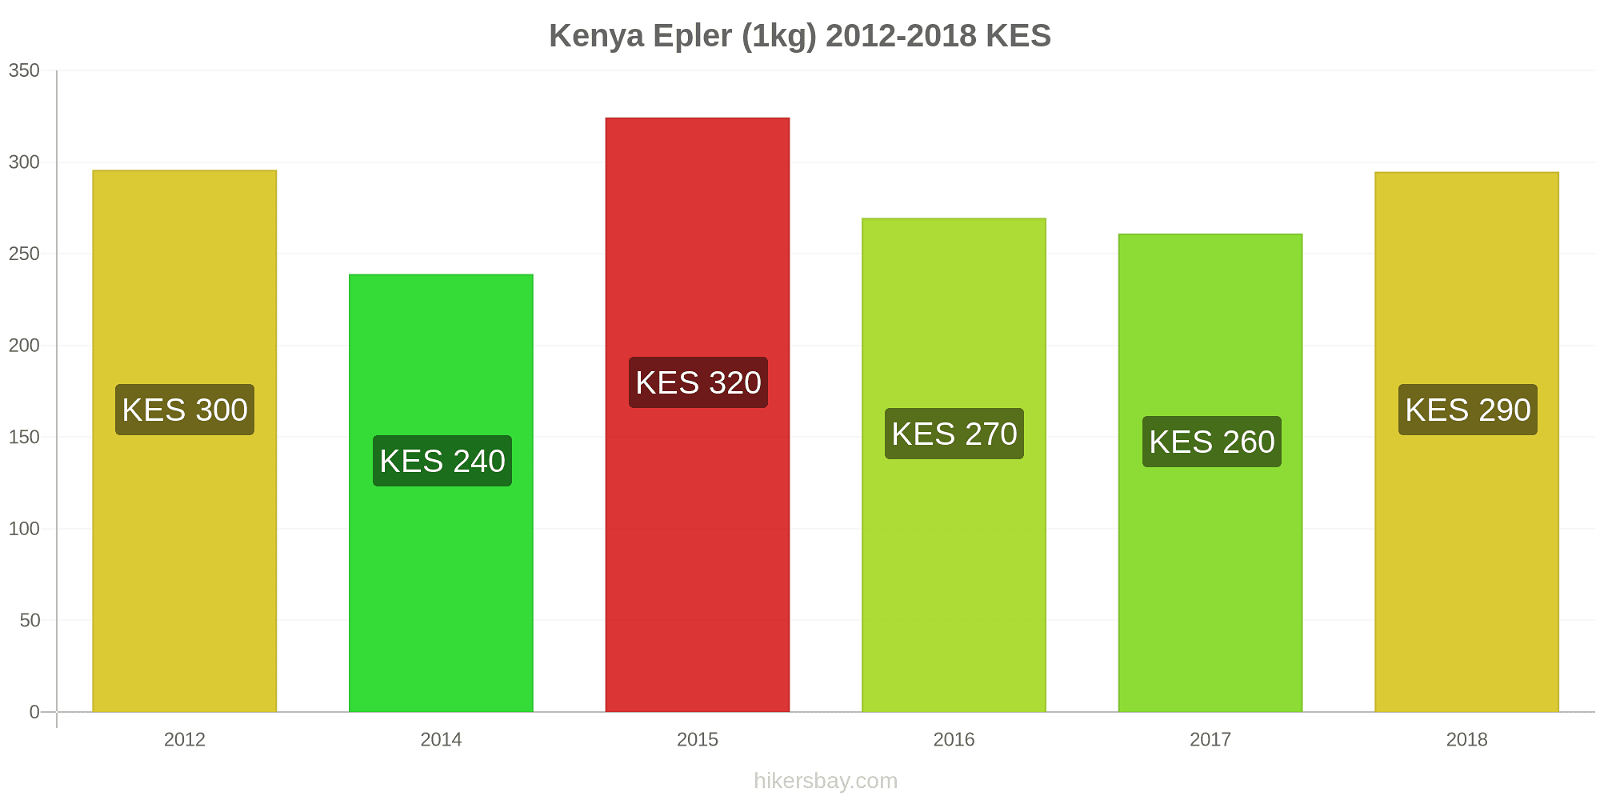 Kenya prisendringer Epler (1kg) hikersbay.com